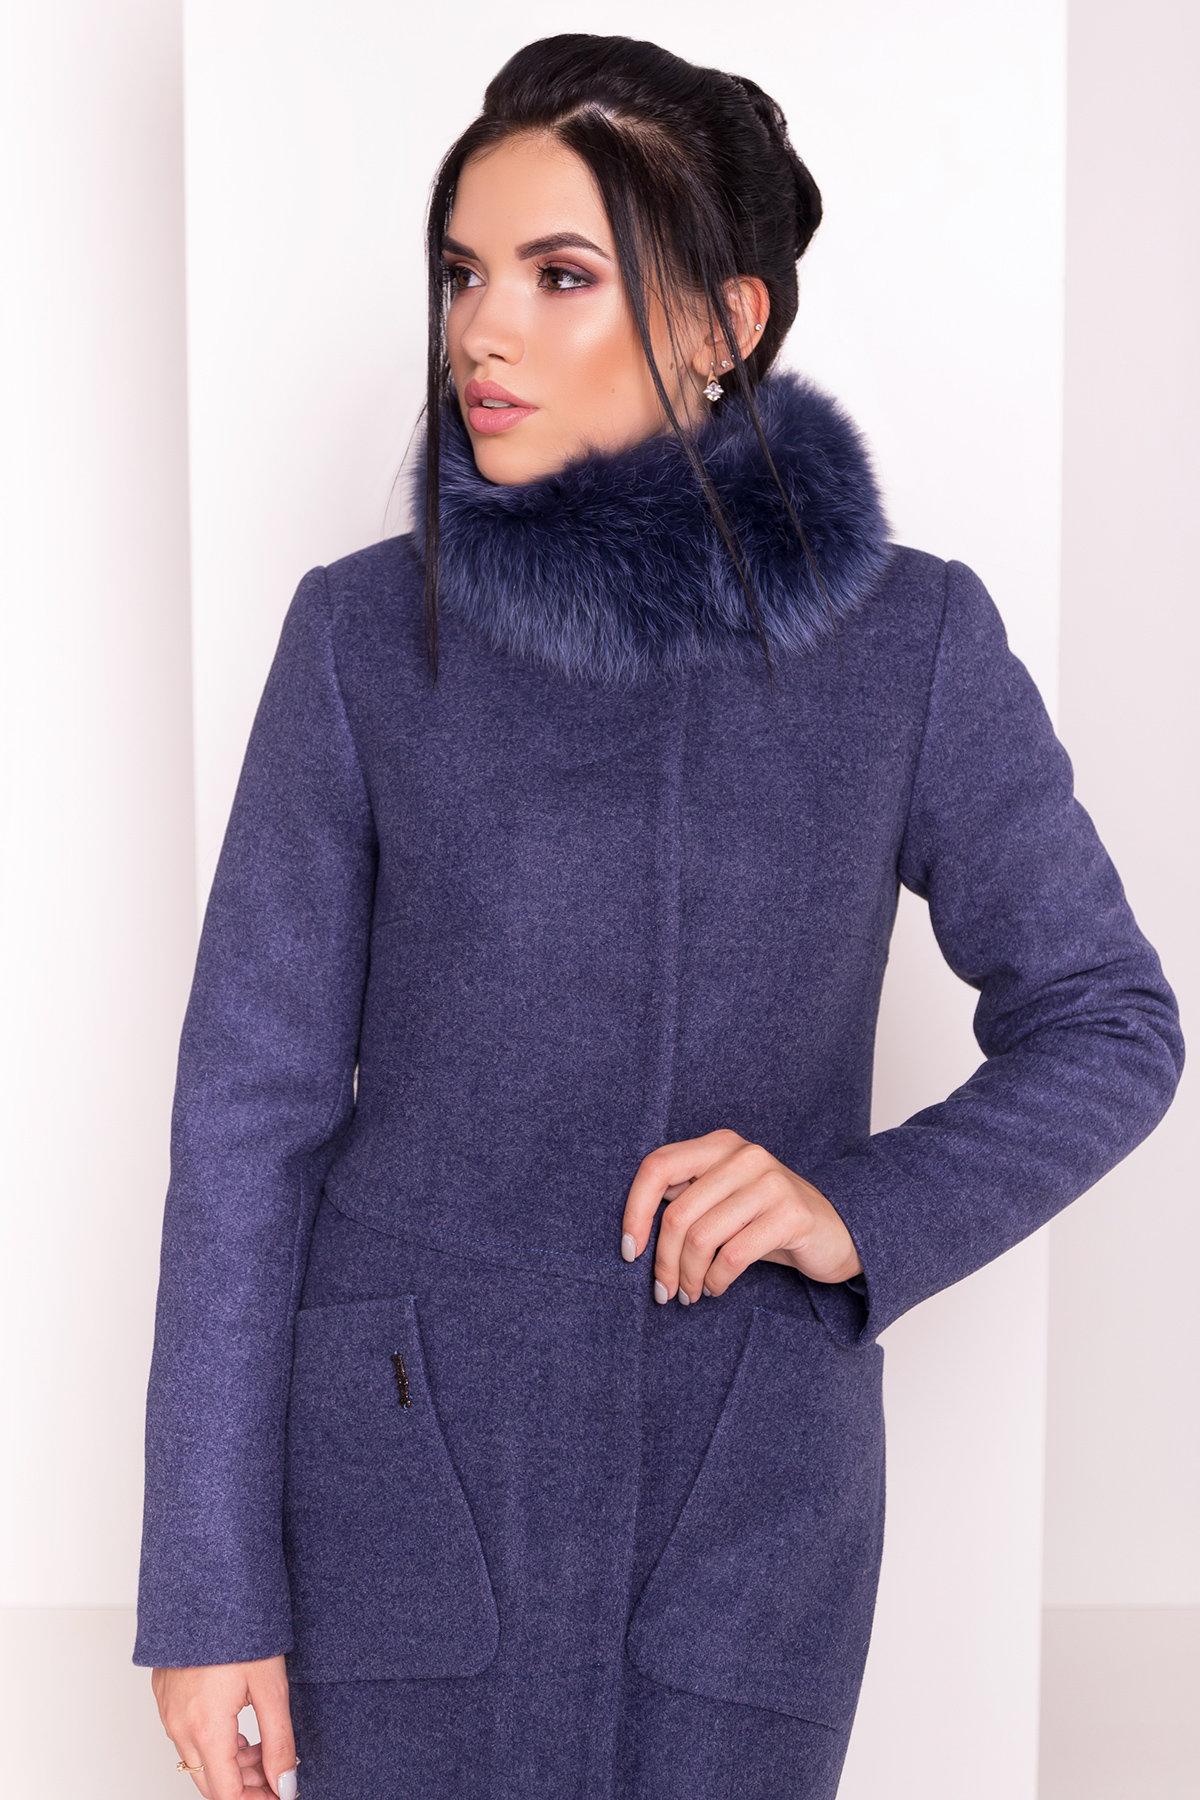 Пальто зима с меховым воротником стойкой Габи 4175 АРТ. 36700 Цвет: Джинс - фото 3, интернет магазин tm-modus.ru